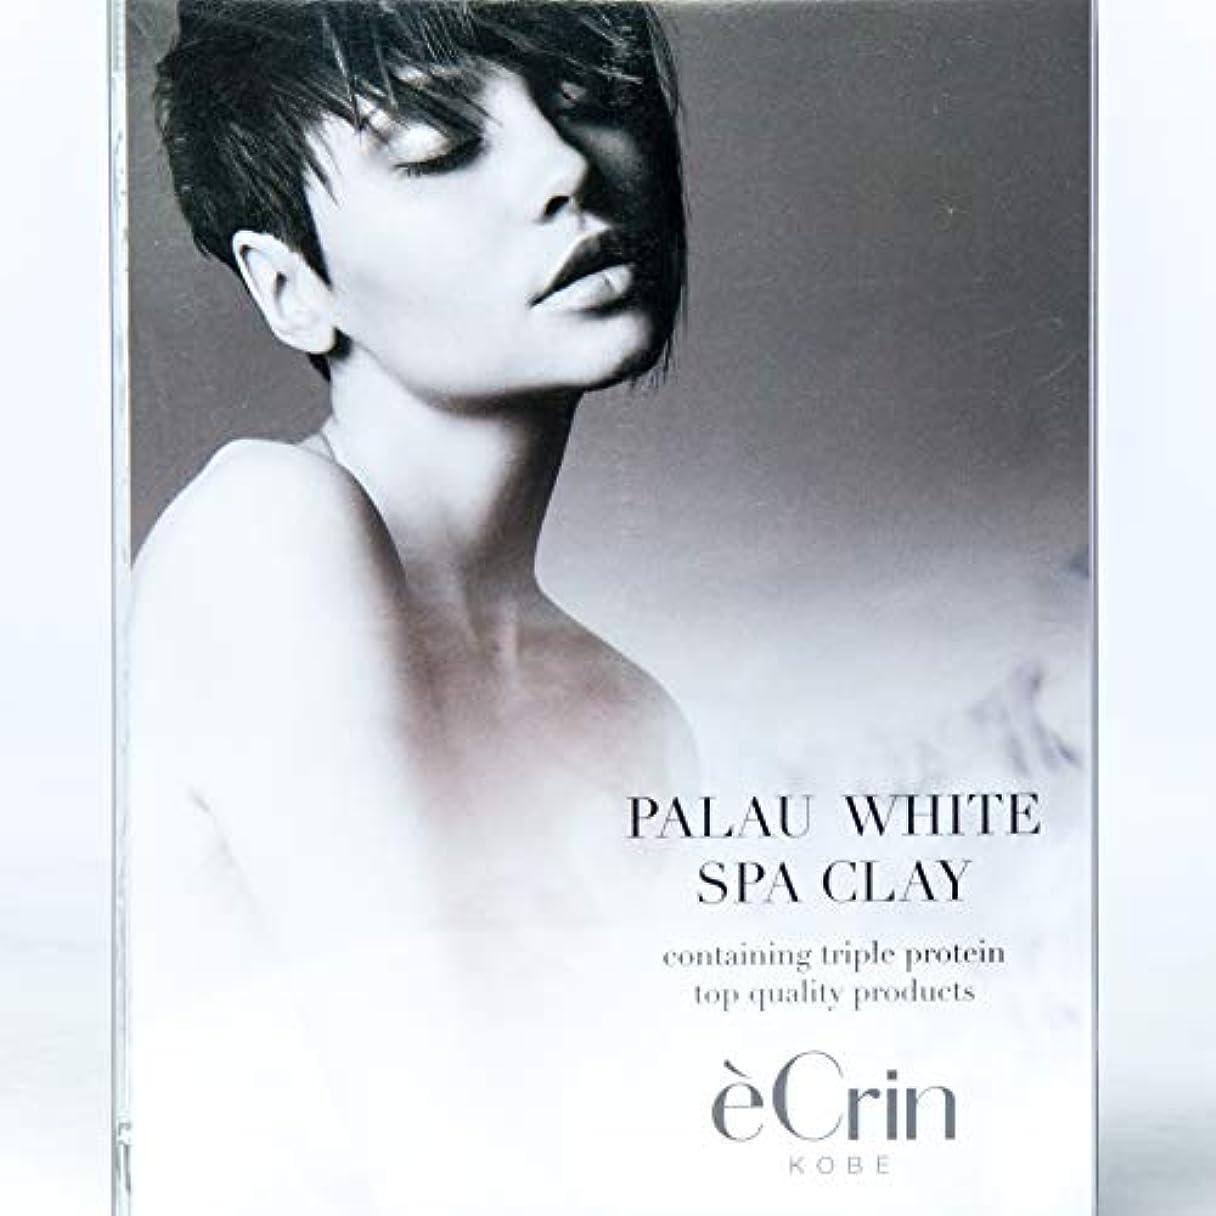 こっそりマティス口ひげパラオホワイト スパクレイ 入浴用化粧料 ノンシリコン 50g5包